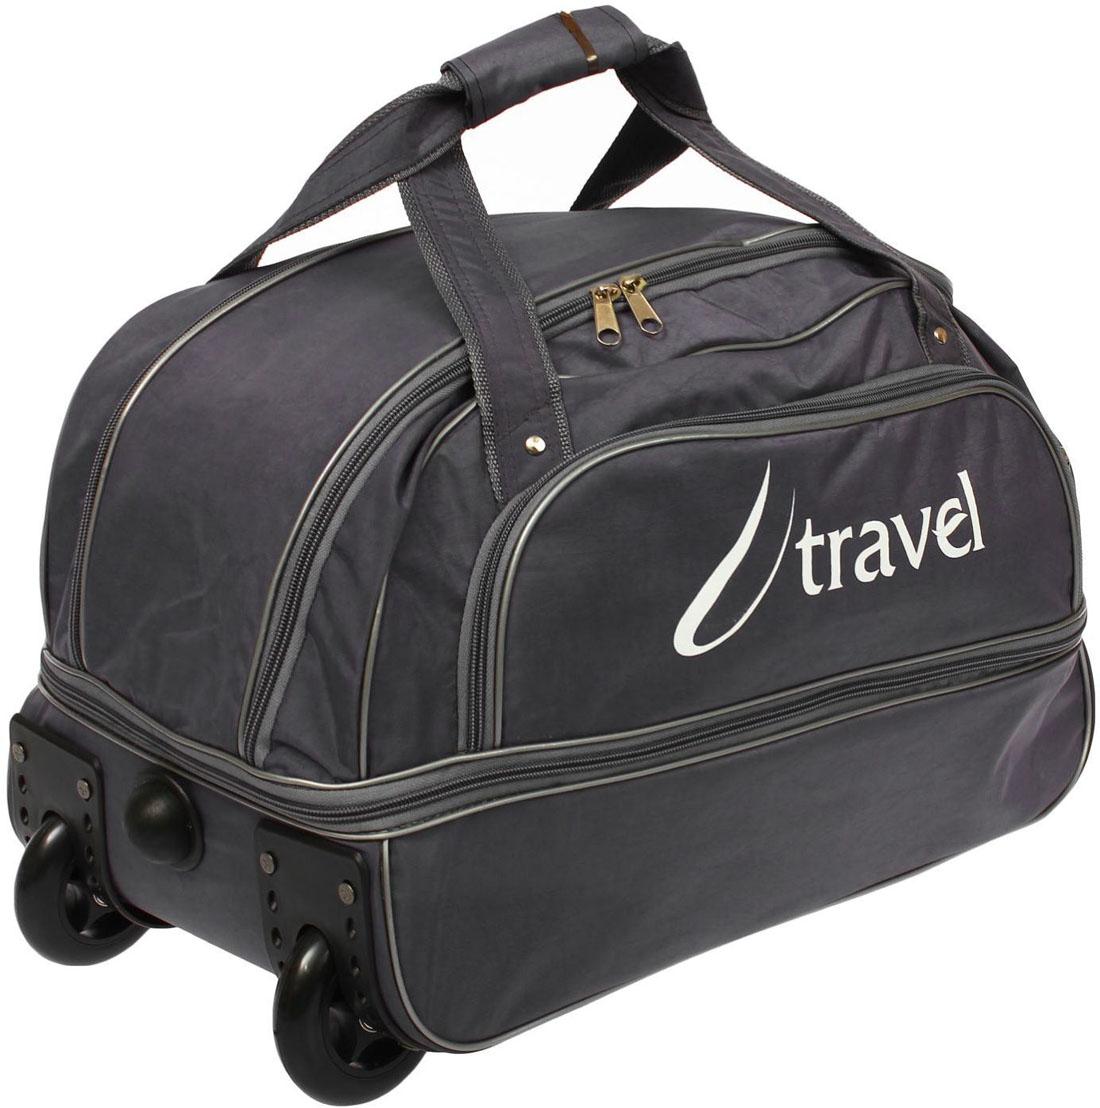 Сумка дорожная AMeN, цвет: черный. 1696035A-B86-05-CПрочная дорожная сумка прекрасно подойдёт как в путешествии, так и в деловых поездках. Она позволяет взять с собой всё необходимое: от нижнего белья до брюк, юбок и пиджаковМодель оснащена широкими ручками и съёмным длинным ремнём для комфортной переноски. Дорожный аксессуар прослужит много лет, так как изготовлен из прочного текстиля, устойчивого к выцветанию.